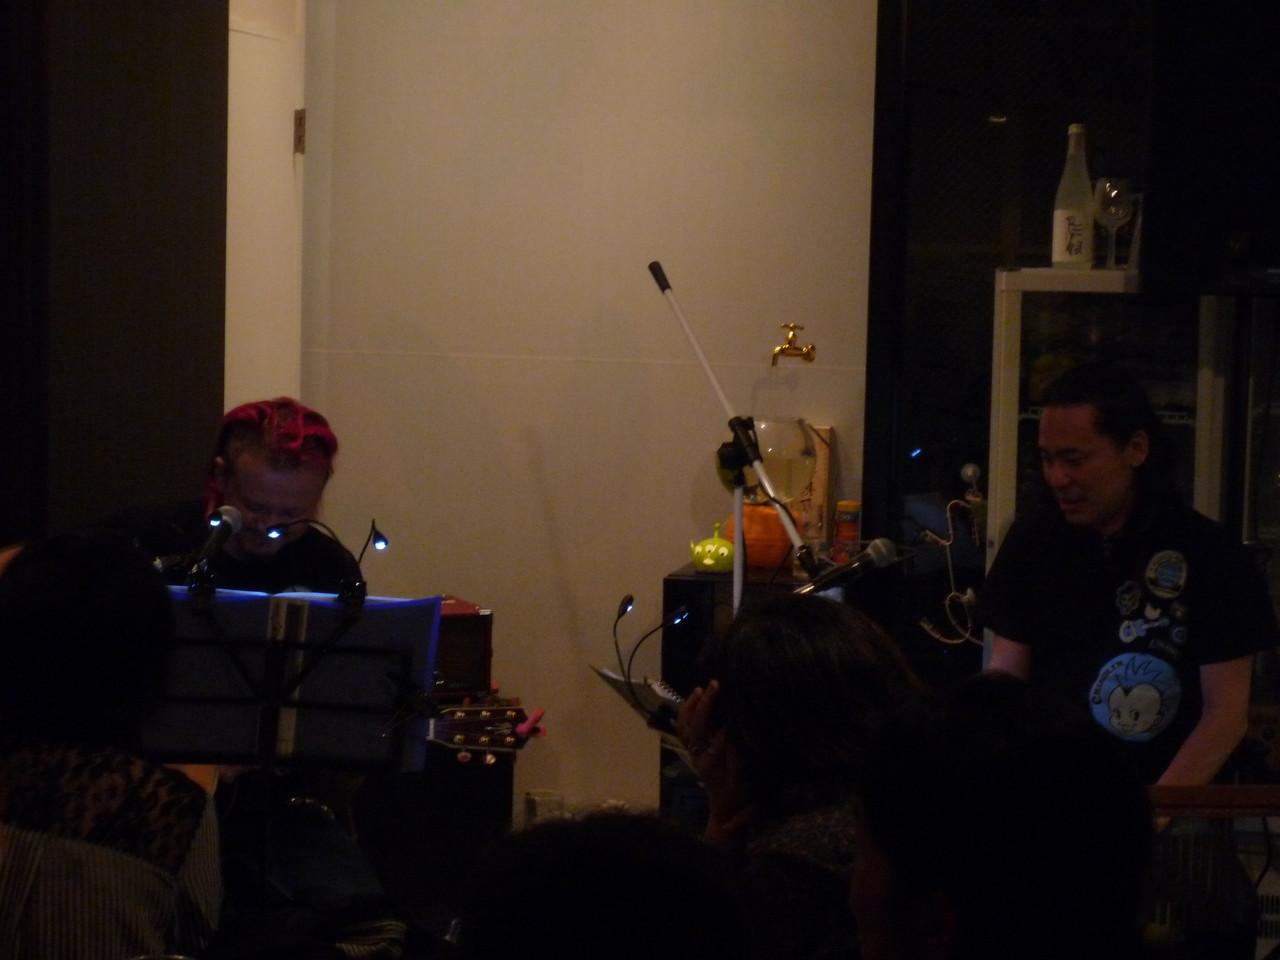 ChirolynさんとRyojiさん♪ かっこいい演奏をありがとうございました!